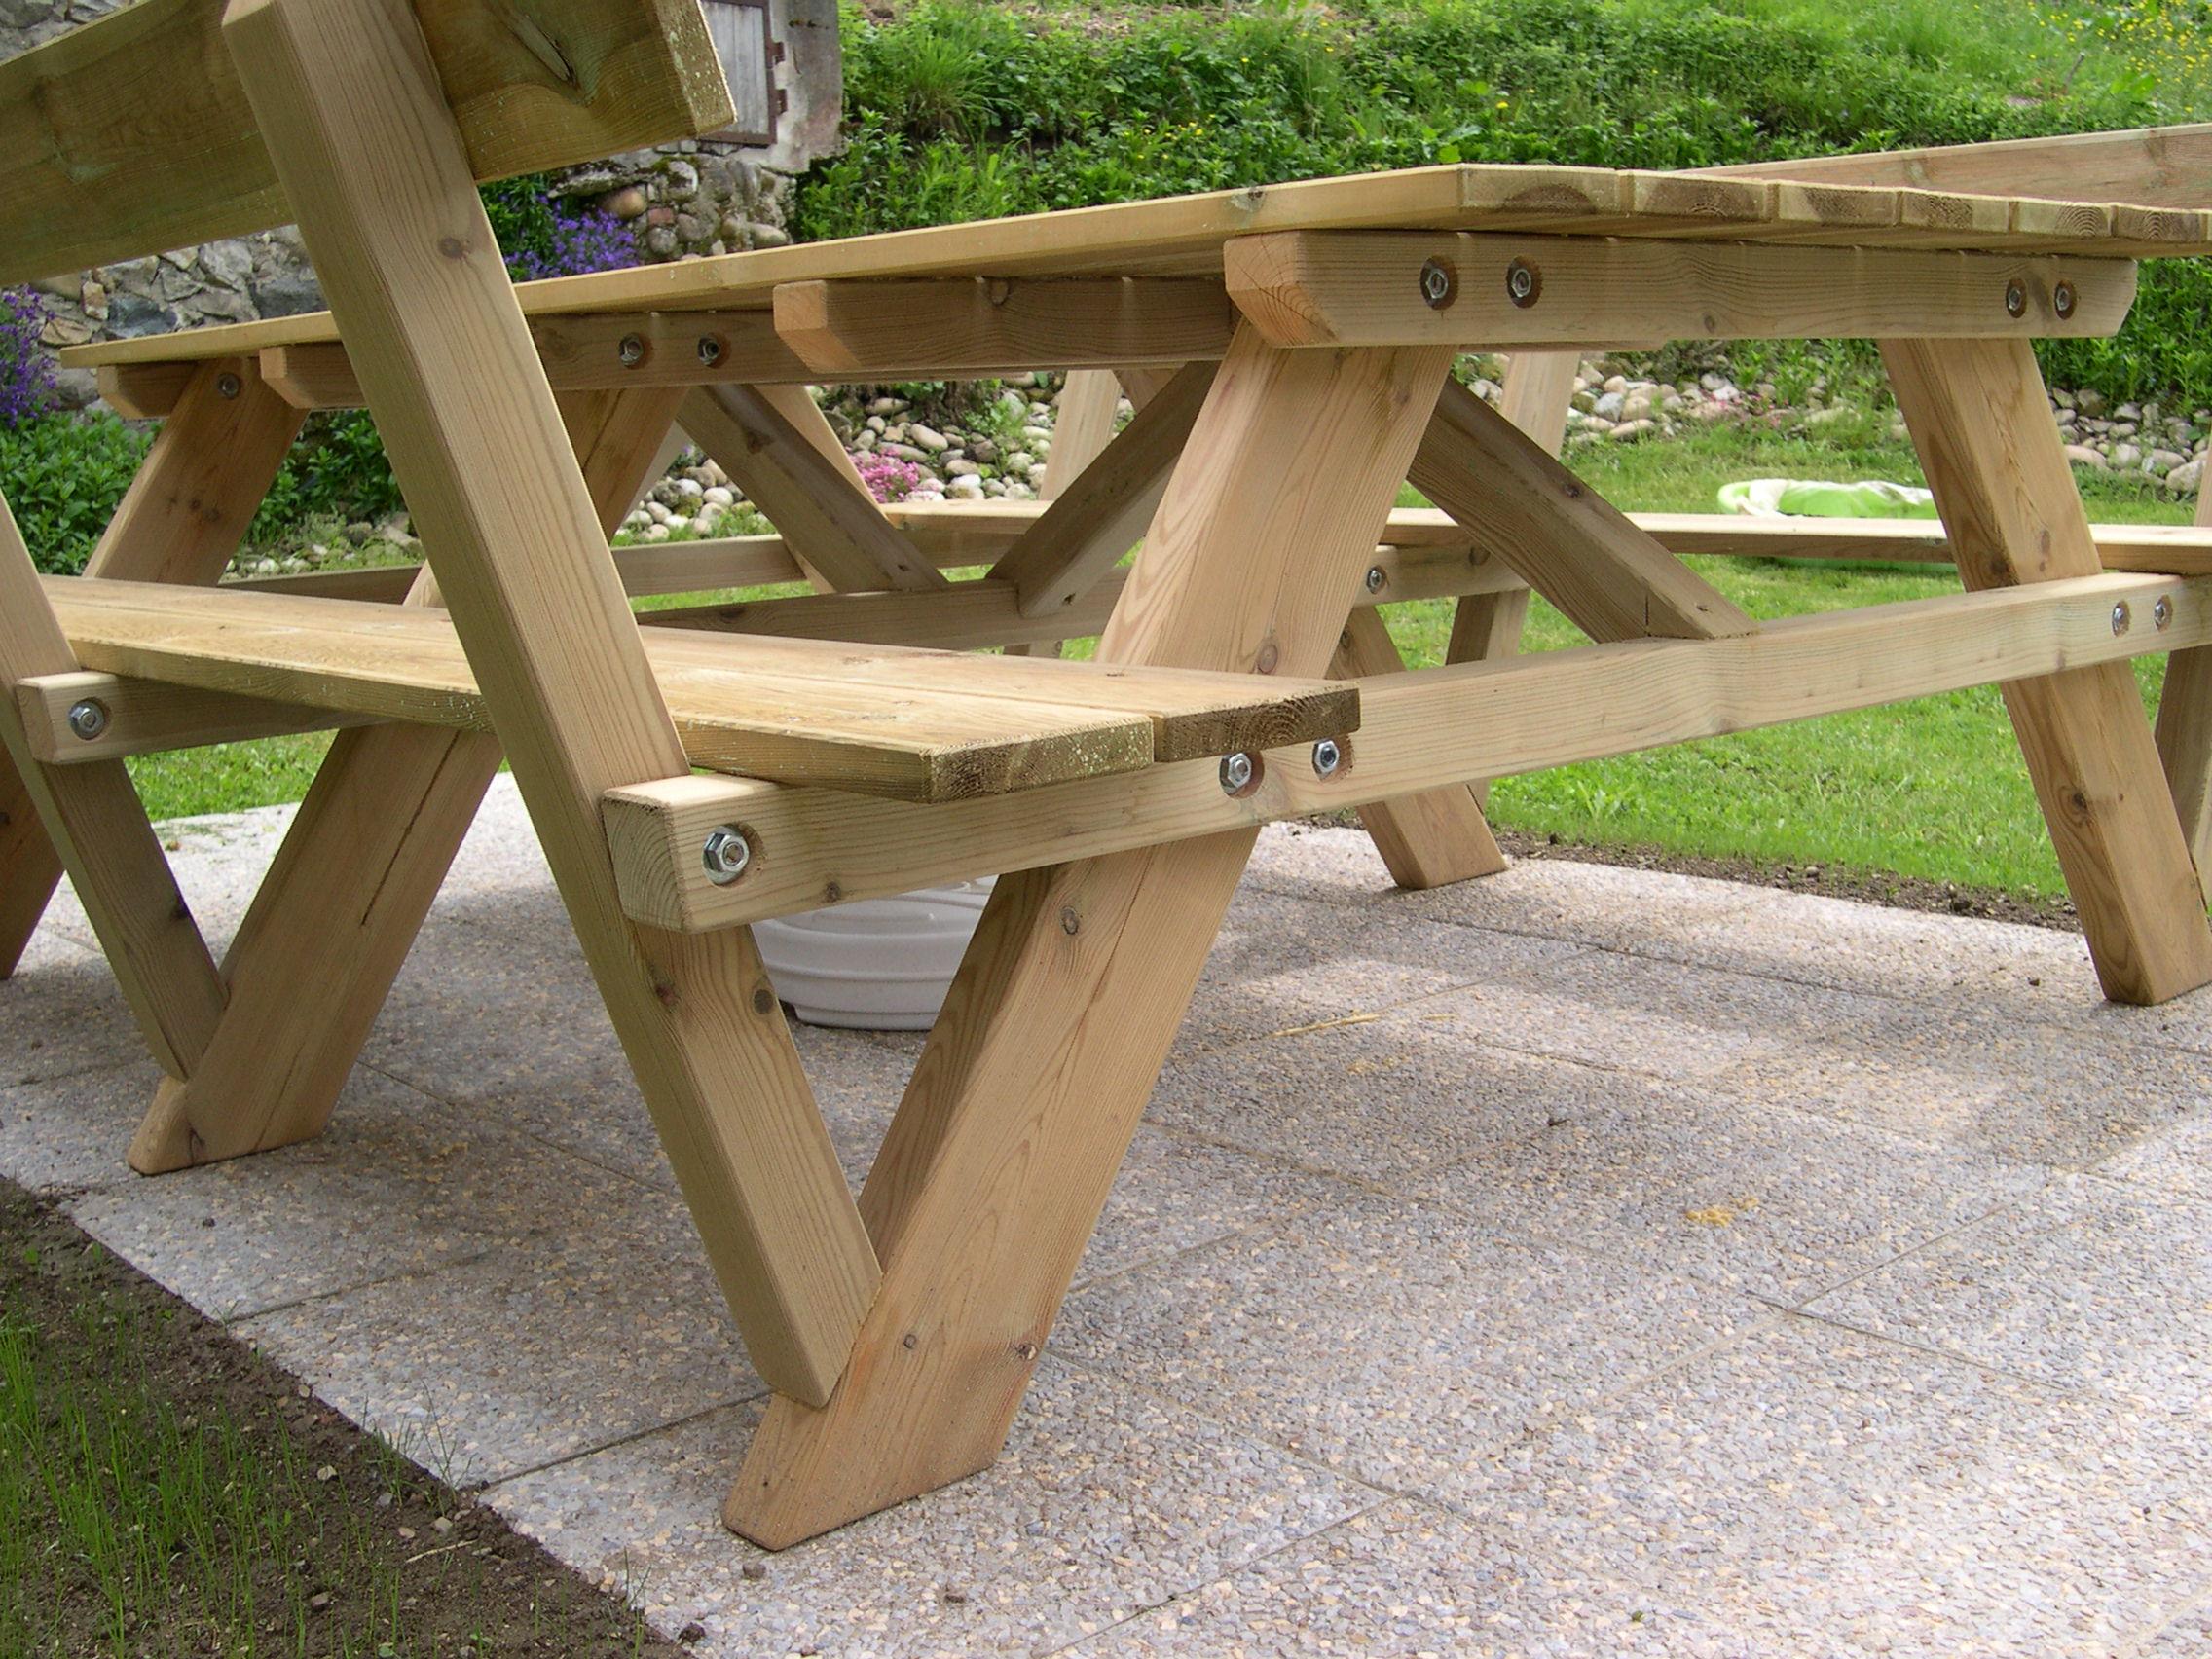 Construction D'une Table Pique-Nique | Asv850 intérieur Table De Jardin En Bois Avec Banc Integre